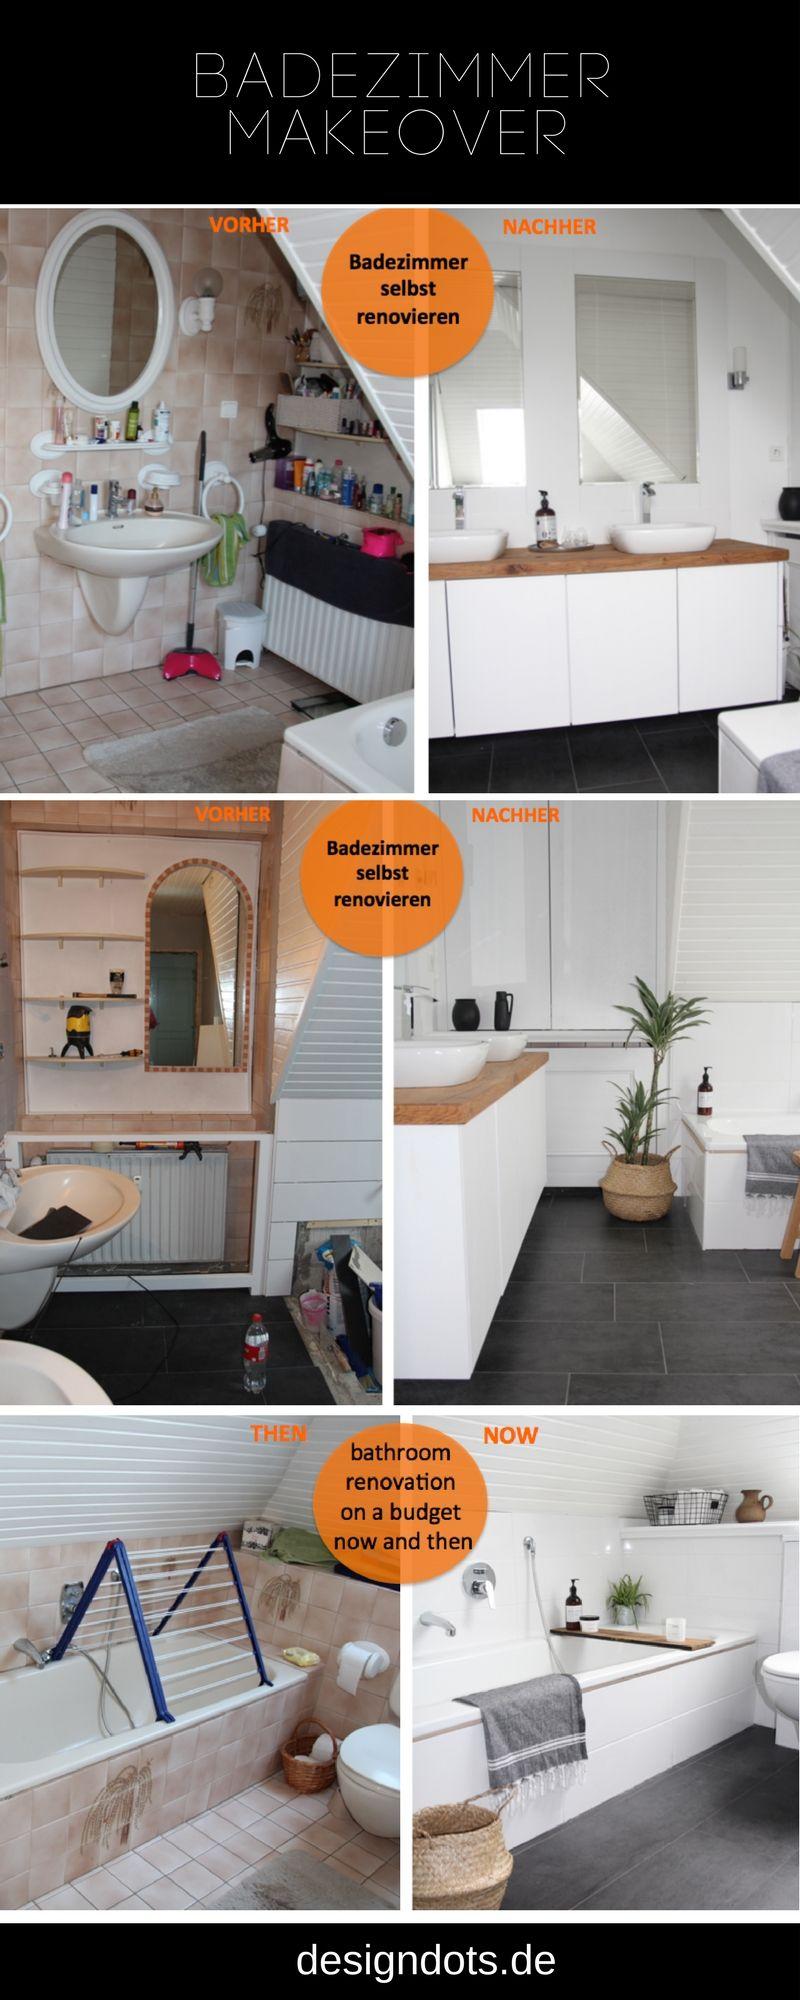 badezimmer selbst renovieren: vorher/nachher | bad | pinterest